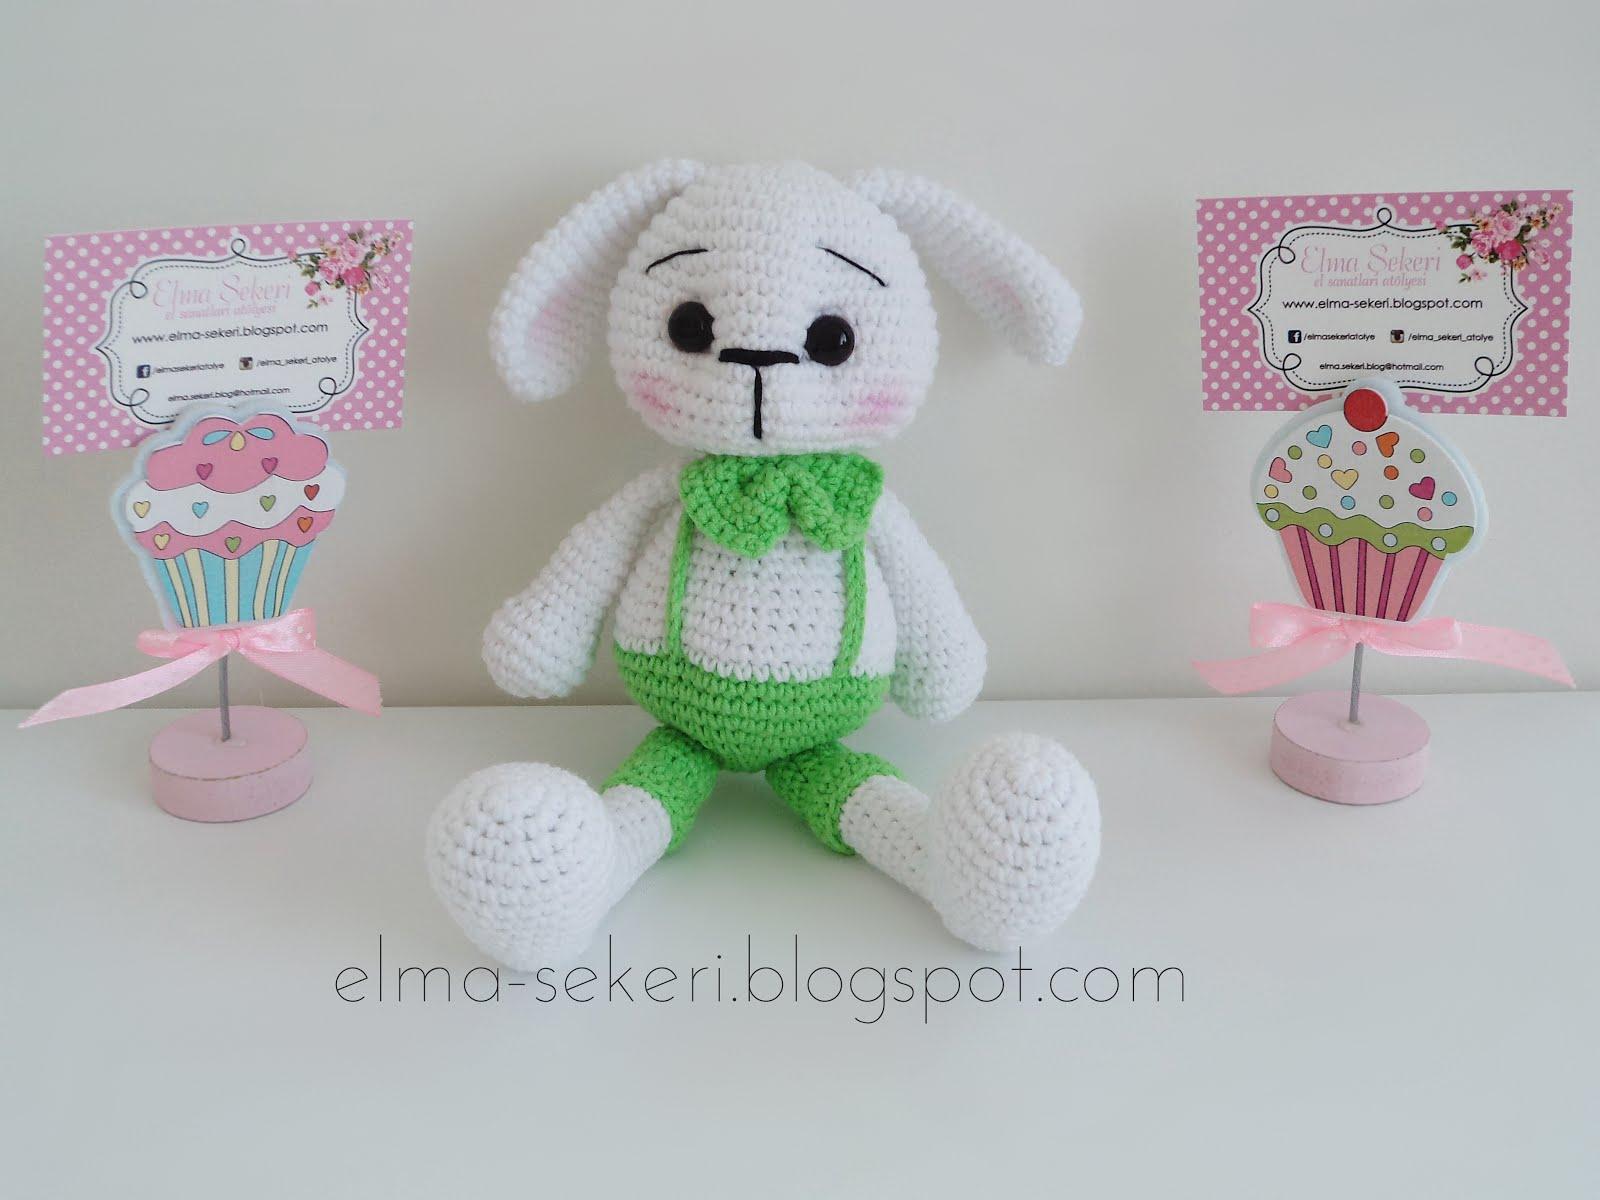 Amigurumi Bebek Tarifleri : Elma Şekeri el sanatları atölyesi amigurumi bebekler ve Örgü